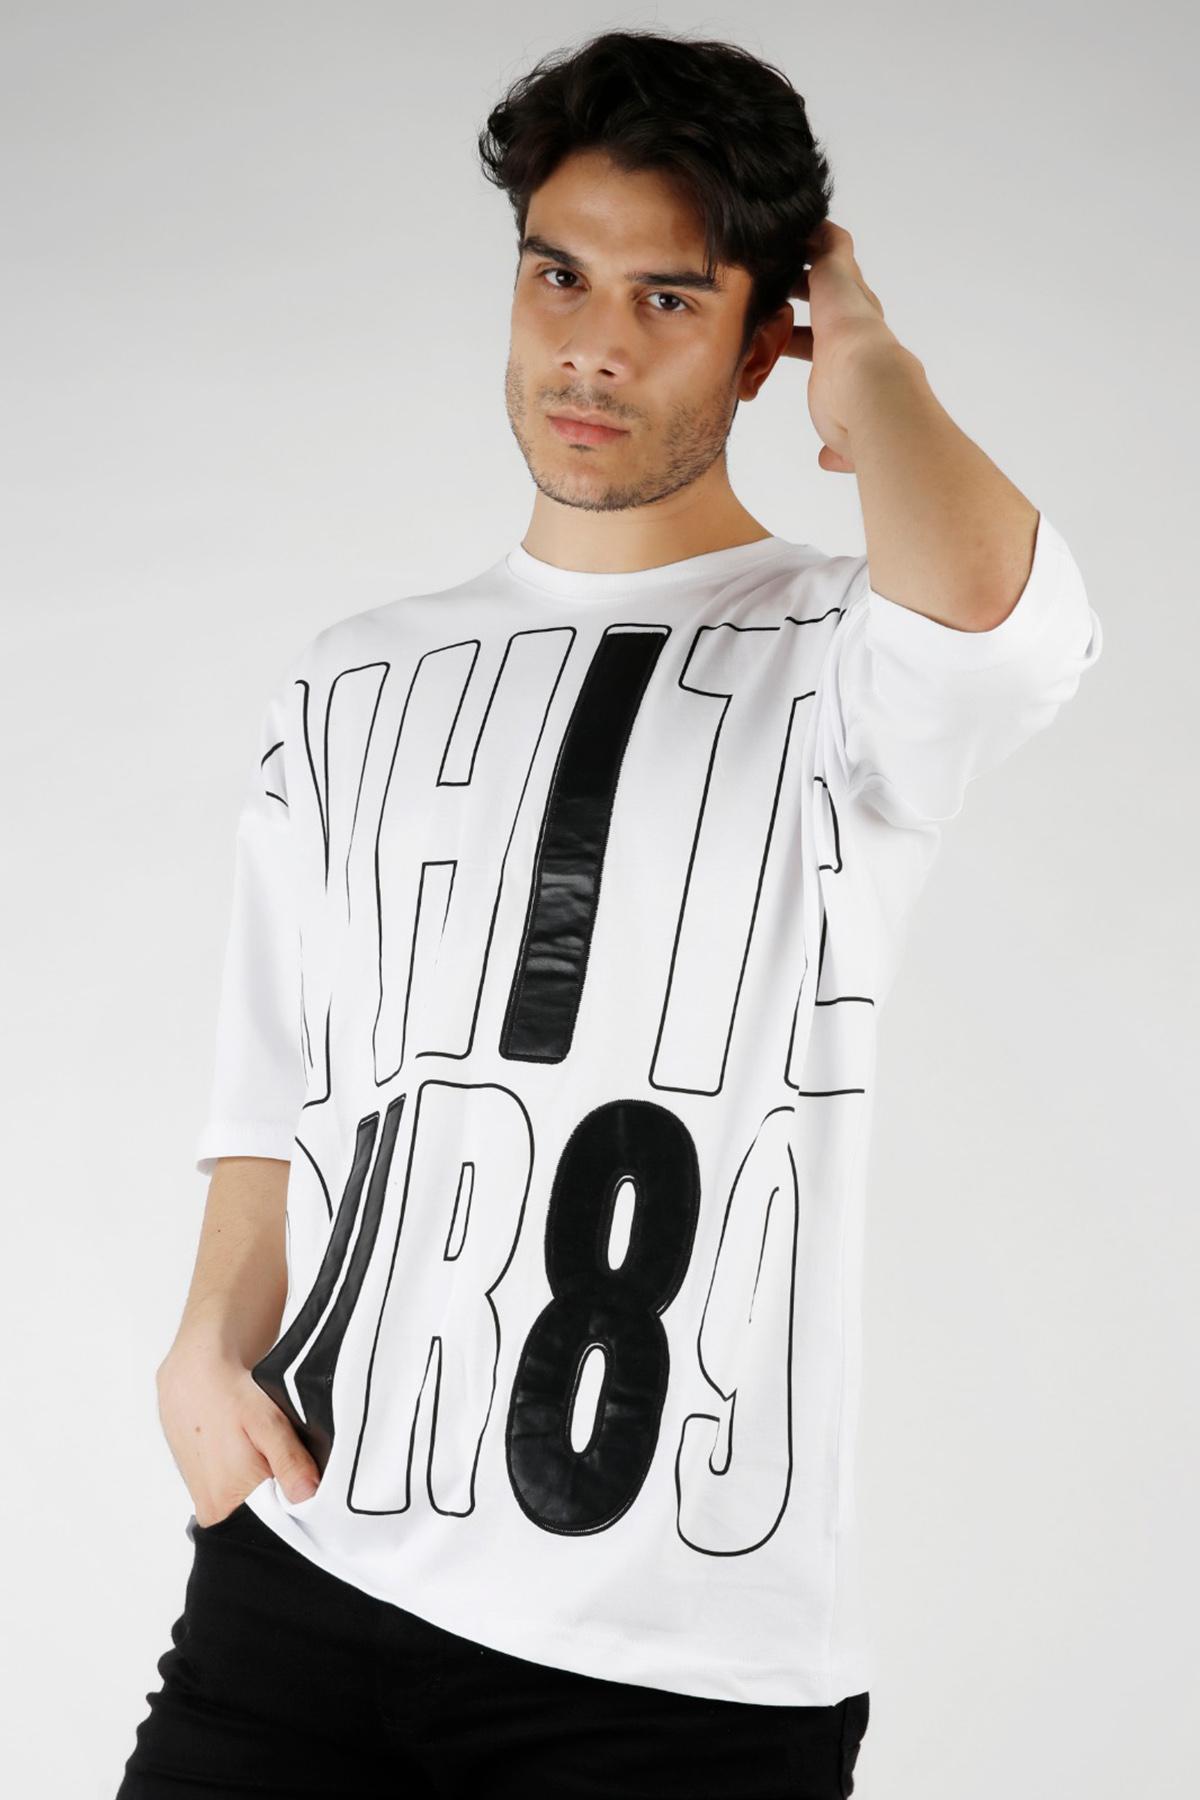 XHAN - Beyaz Baskılı Oversize T-Shirt 1KXE1-44679-01